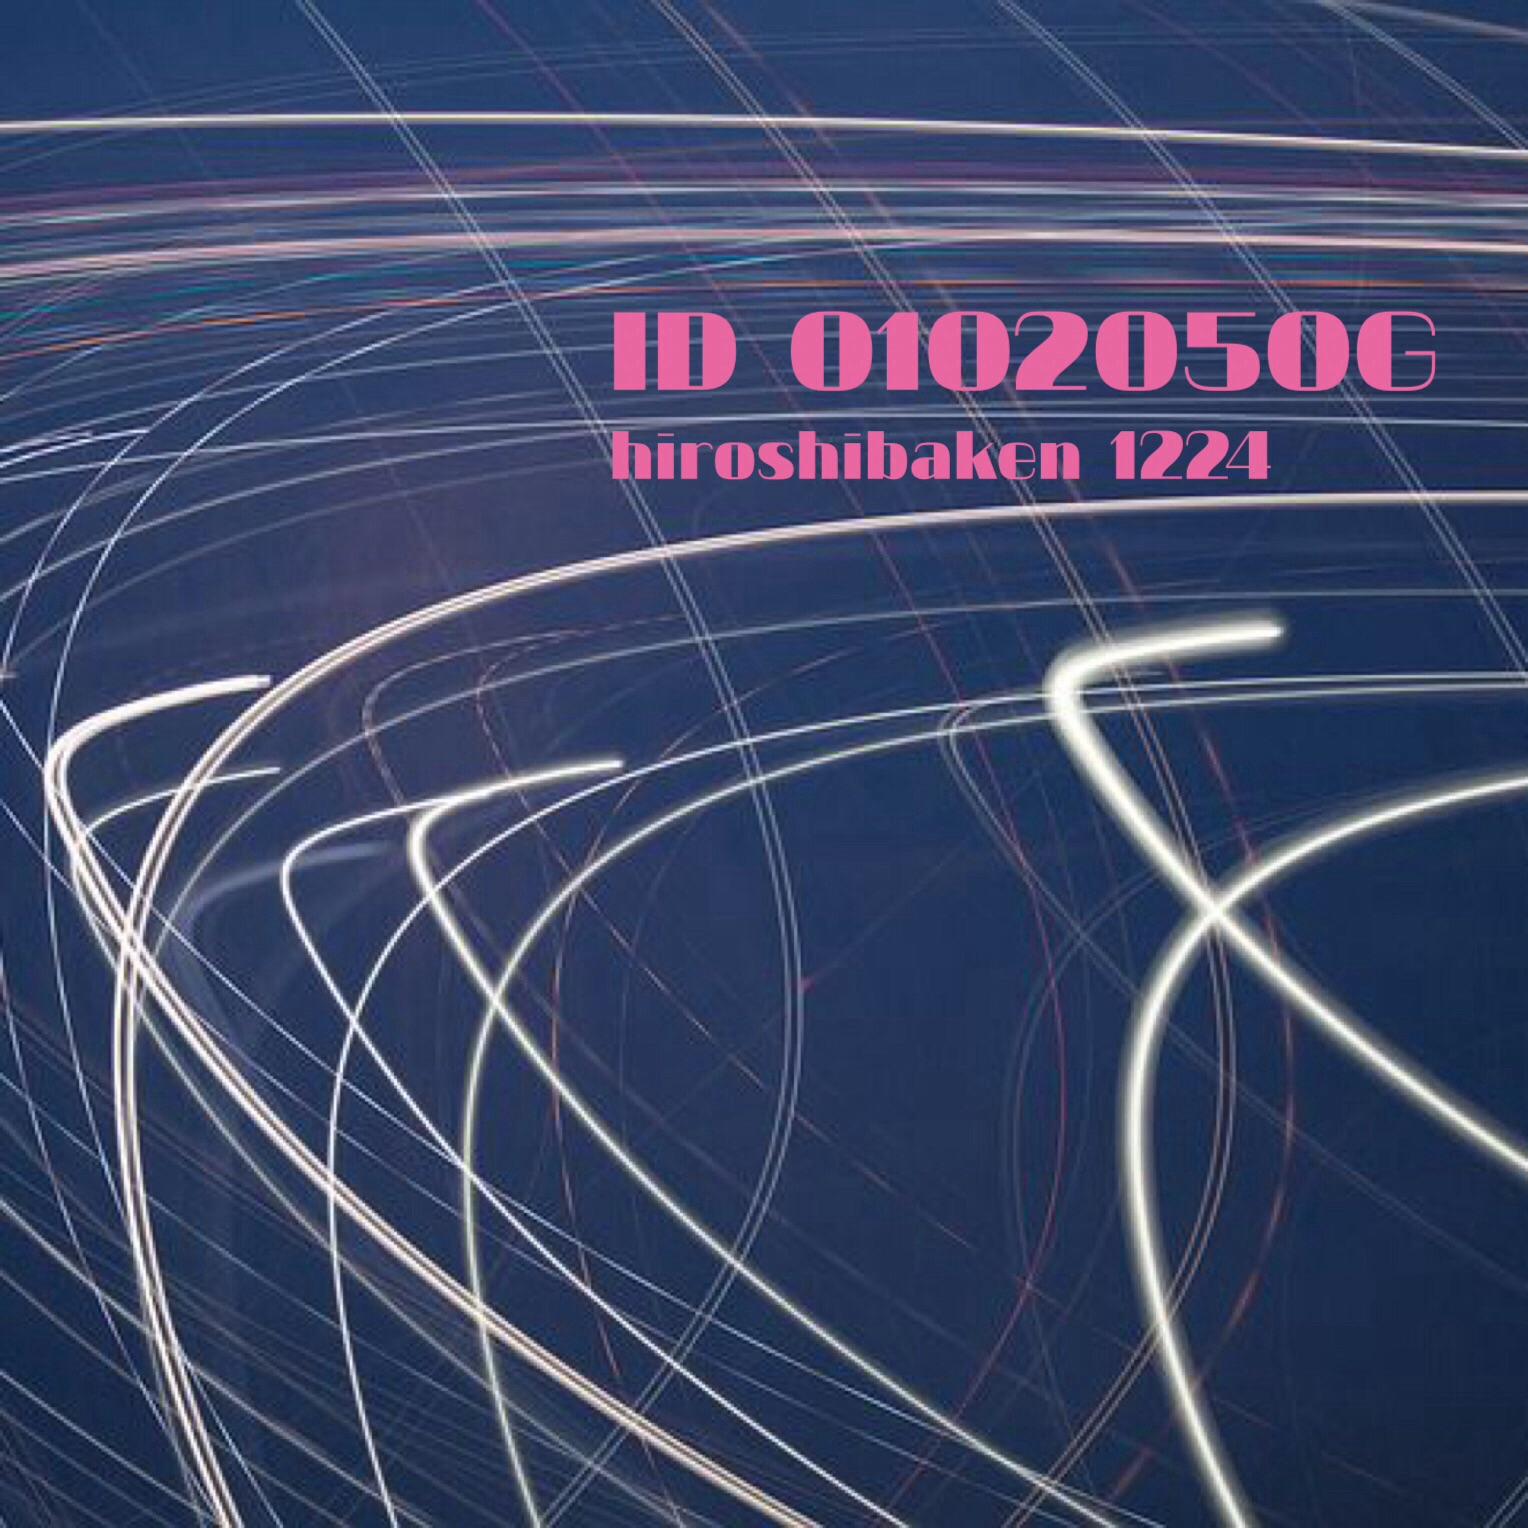 lD 00102050_G